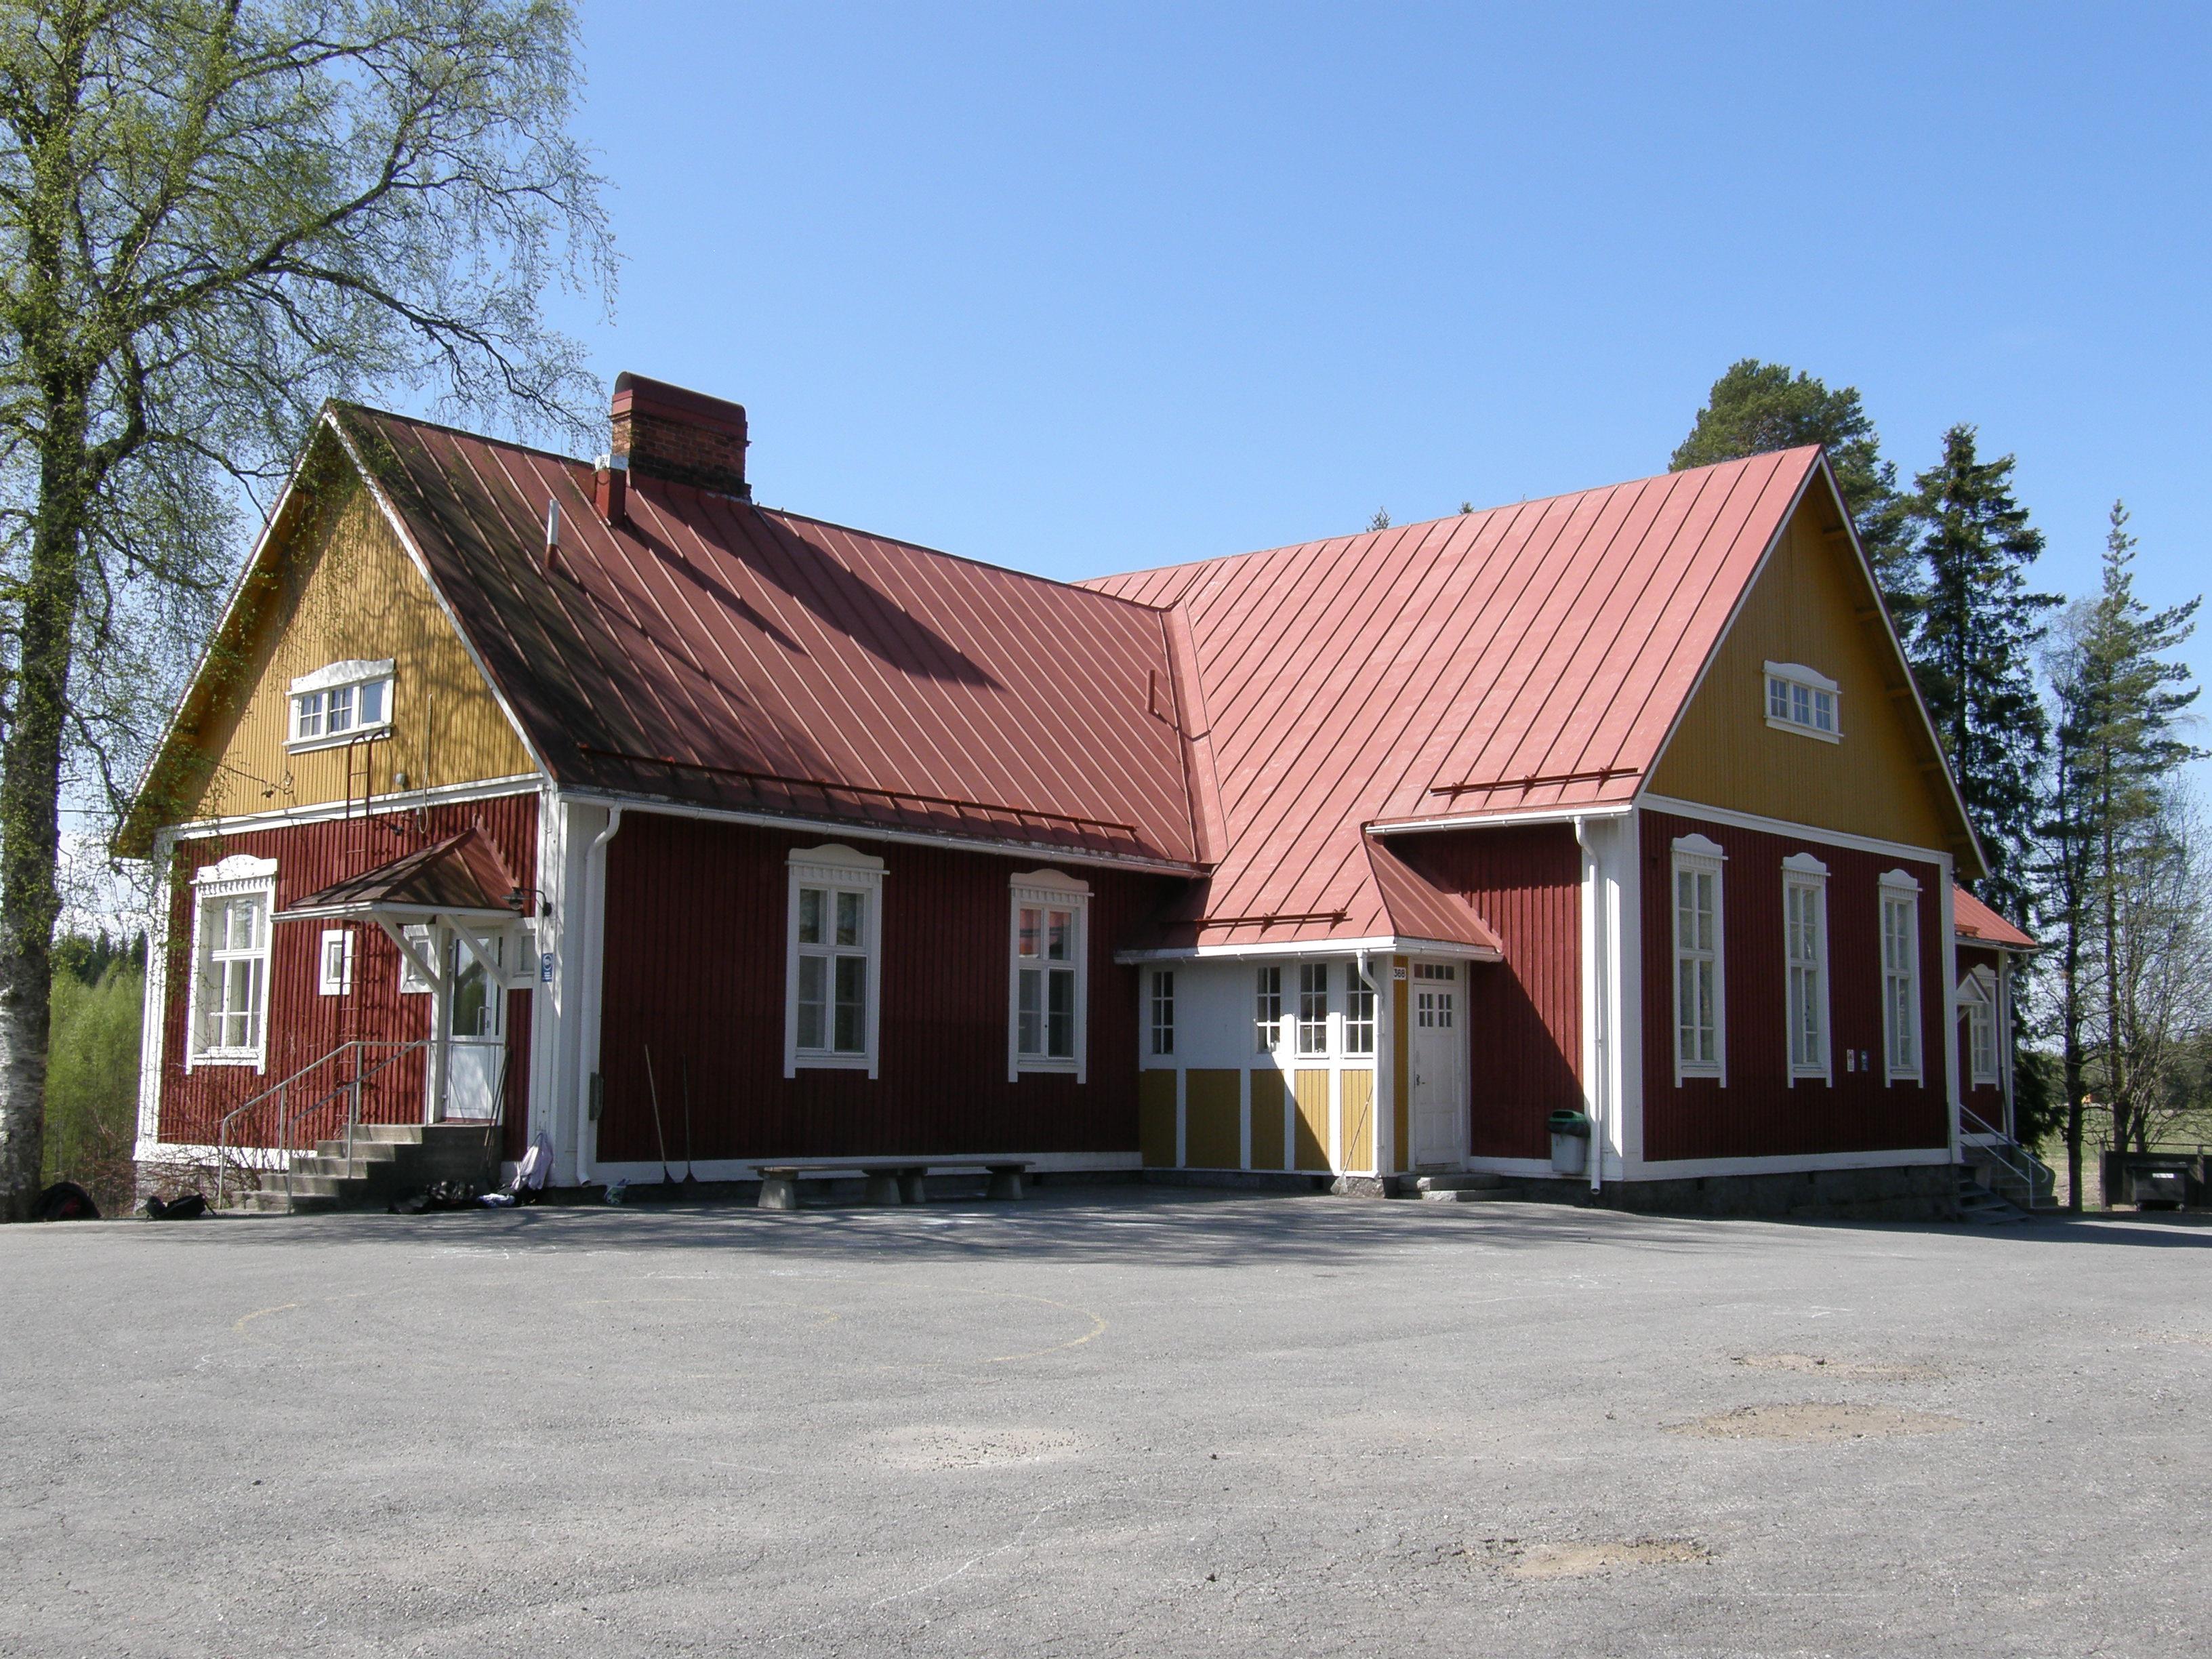 Hyrsingin koulu